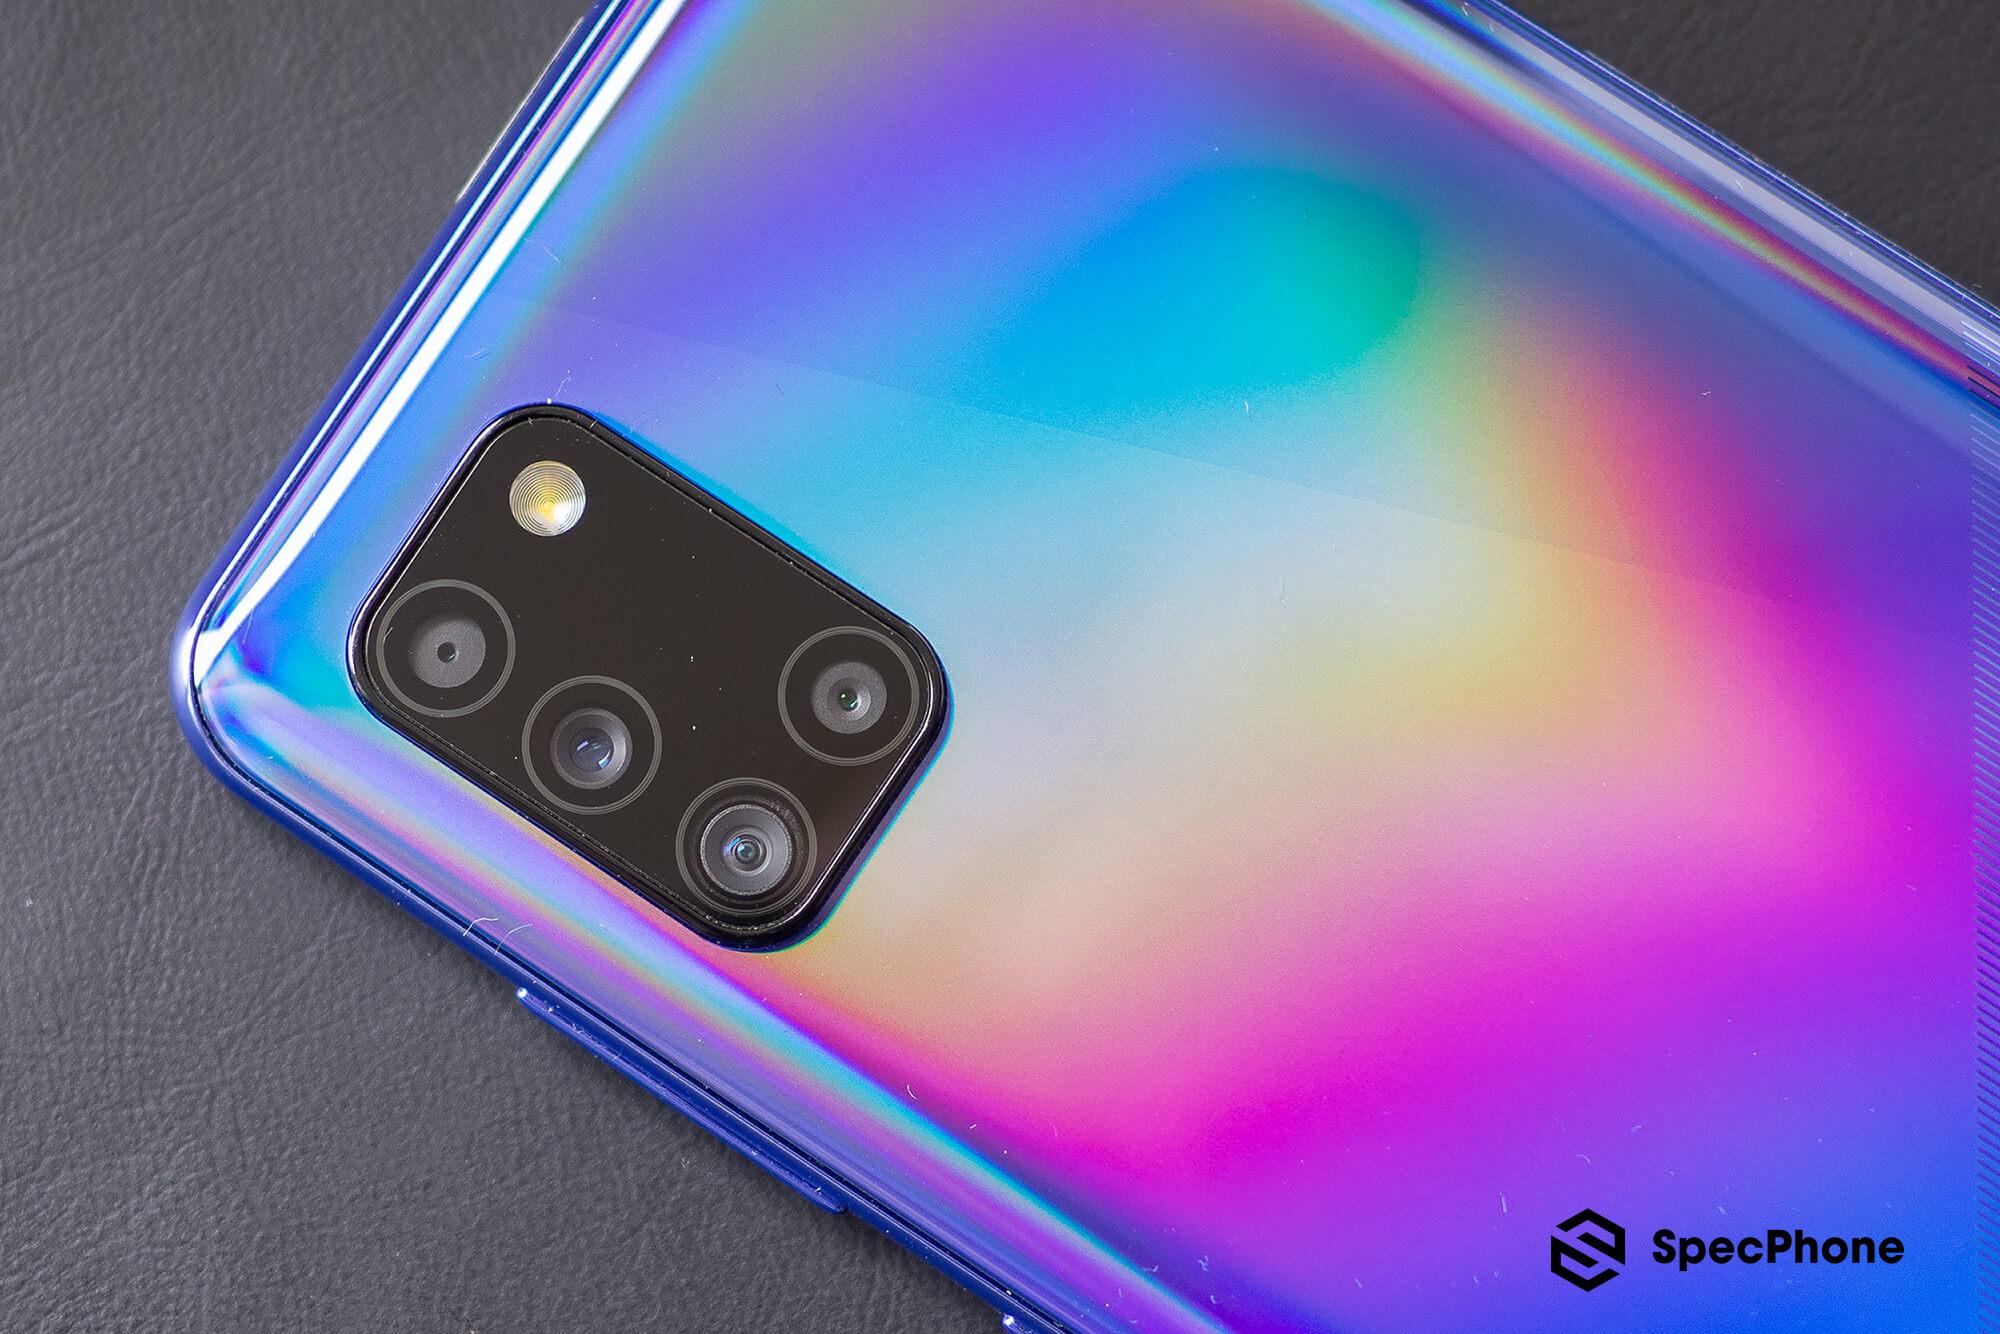 เปรียบเทียบ Samsung Galaxy A31 สมาร์ตโฟนของคนชอบถ่ายรูป กับรุ่นใกล้เคียง ในราคาไม่ถึงหมื่น